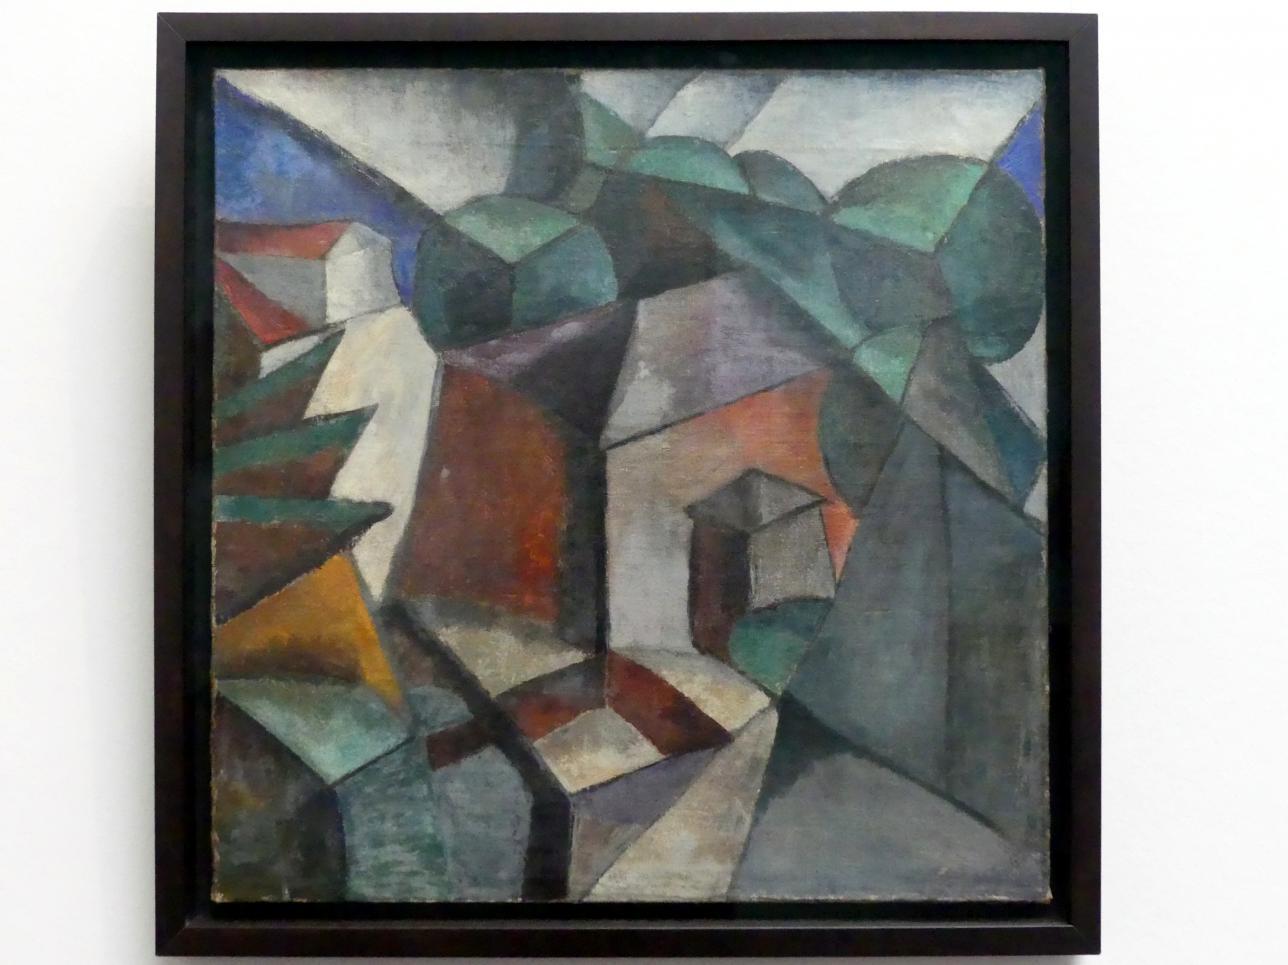 Ljubow Sergejewna Popowa: Ohne Titel, 1915